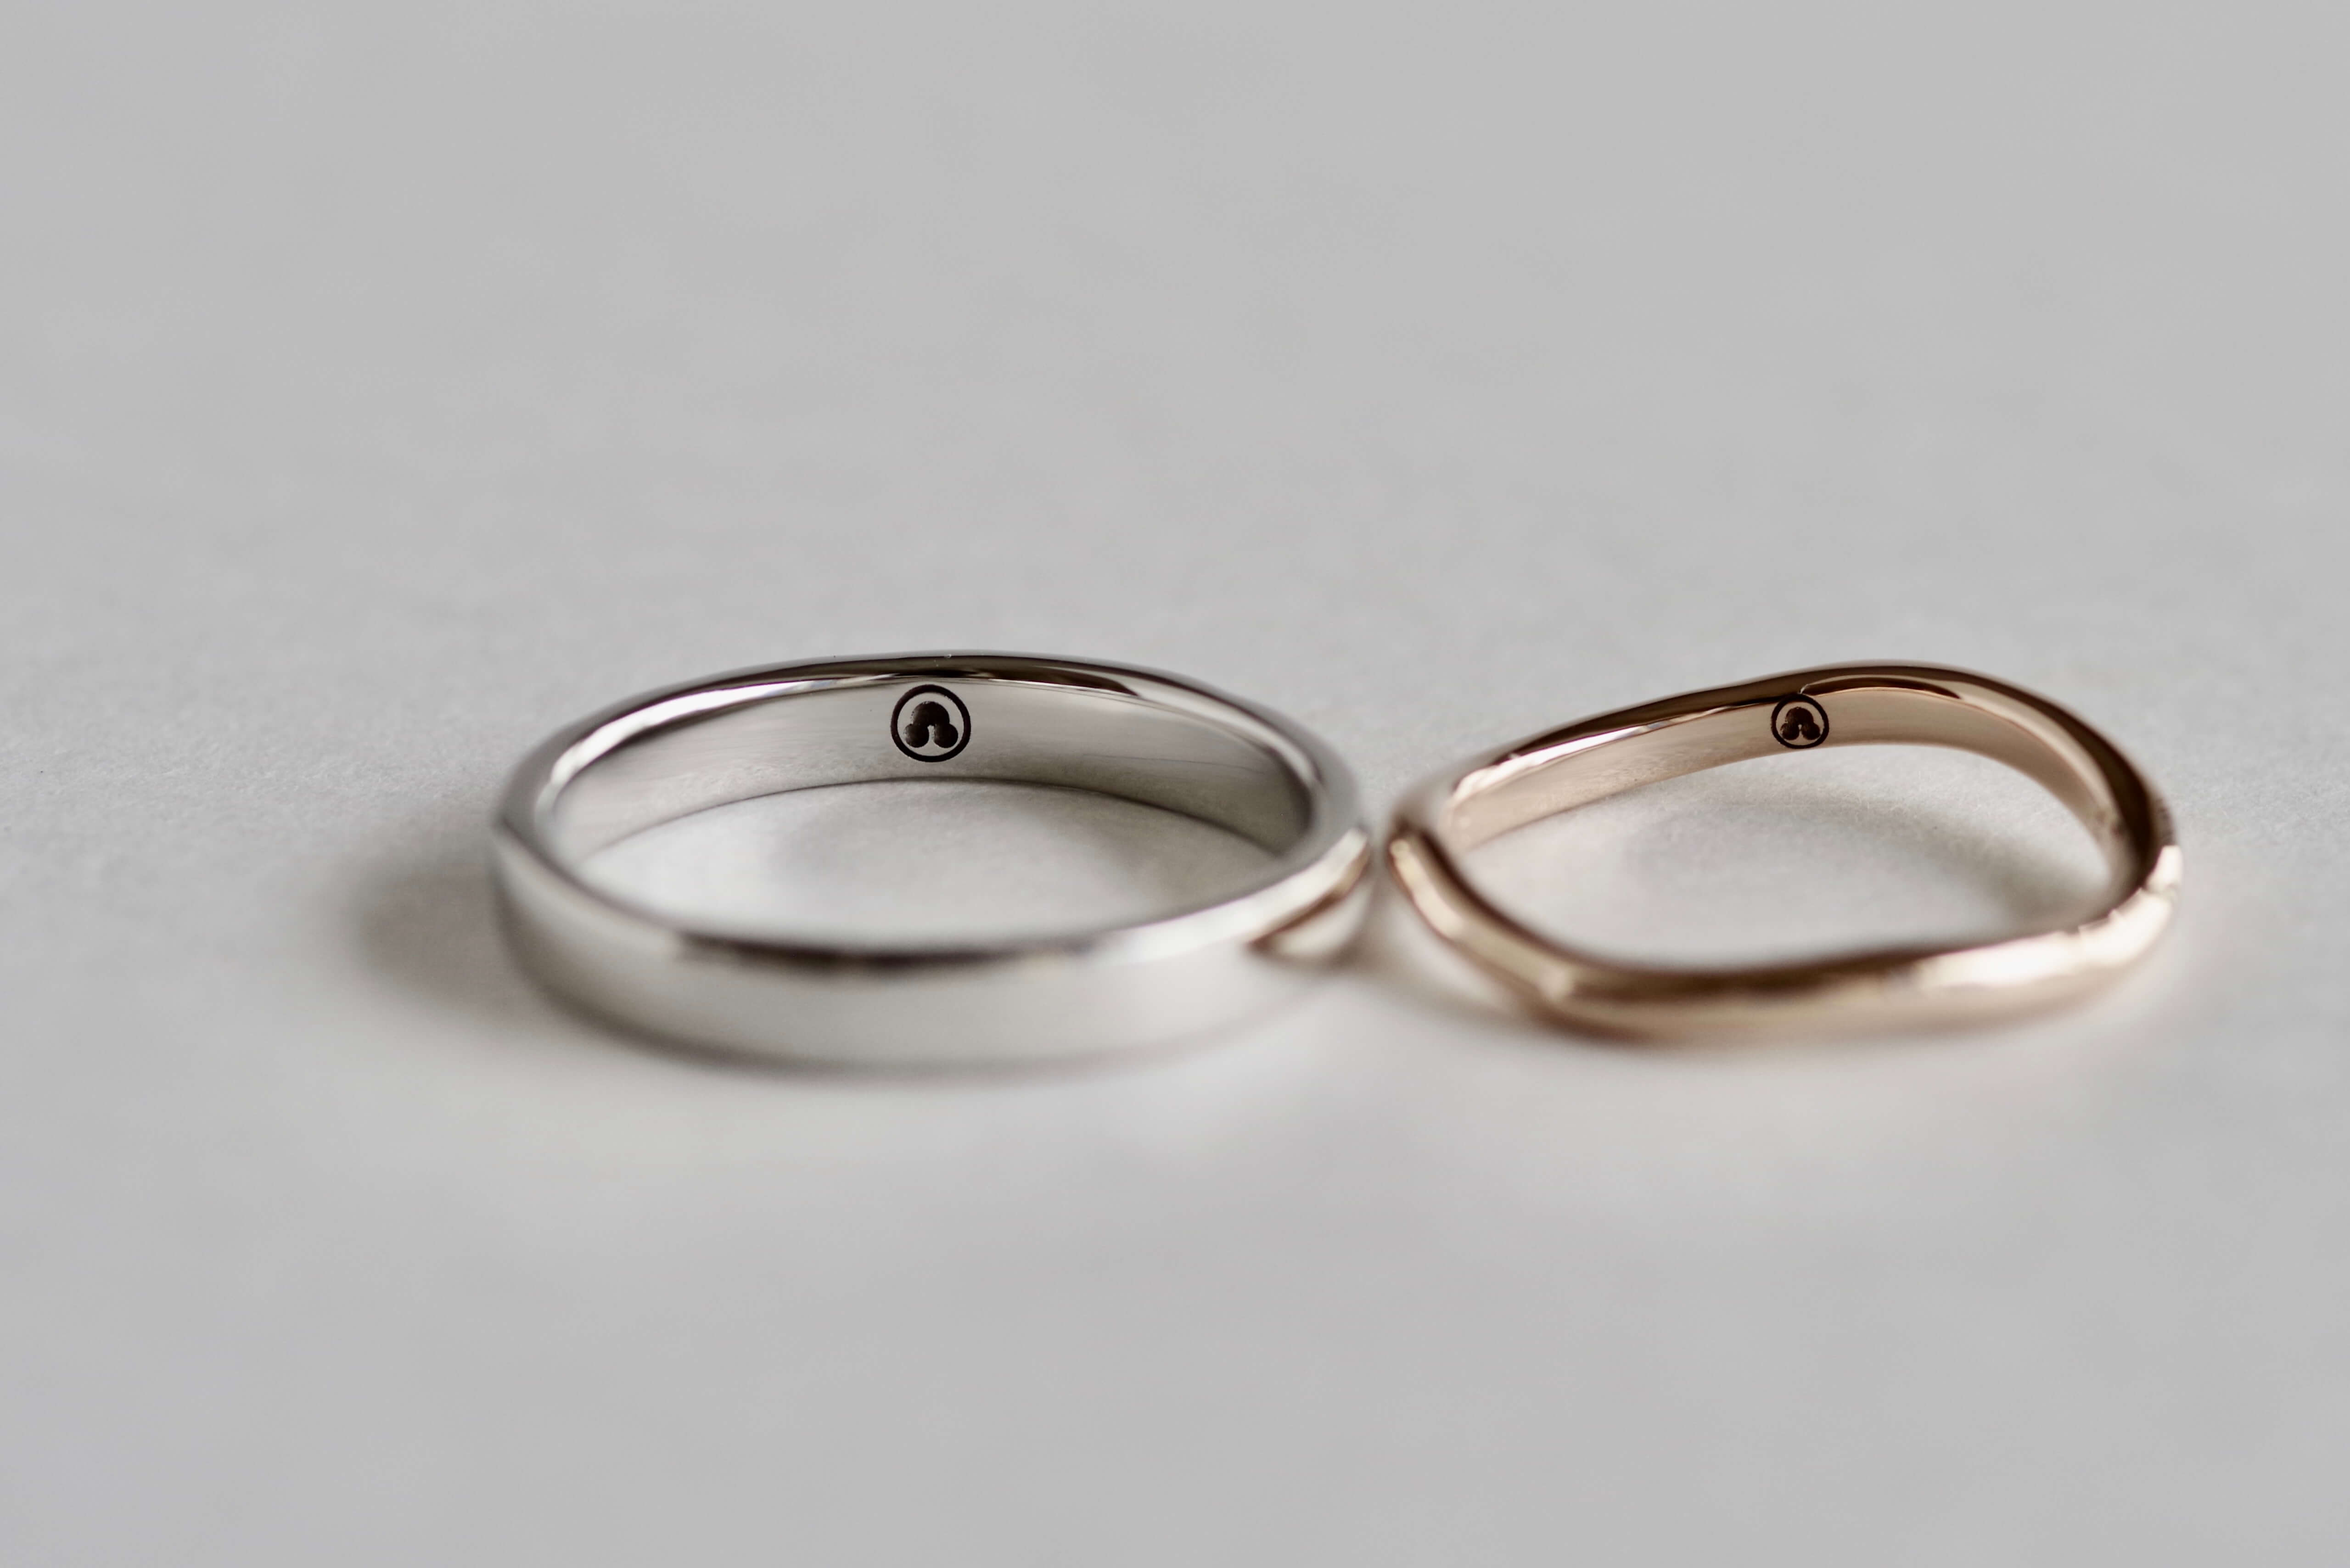 結婚指輪 オーダーメイド 家紋 レーザー彫り